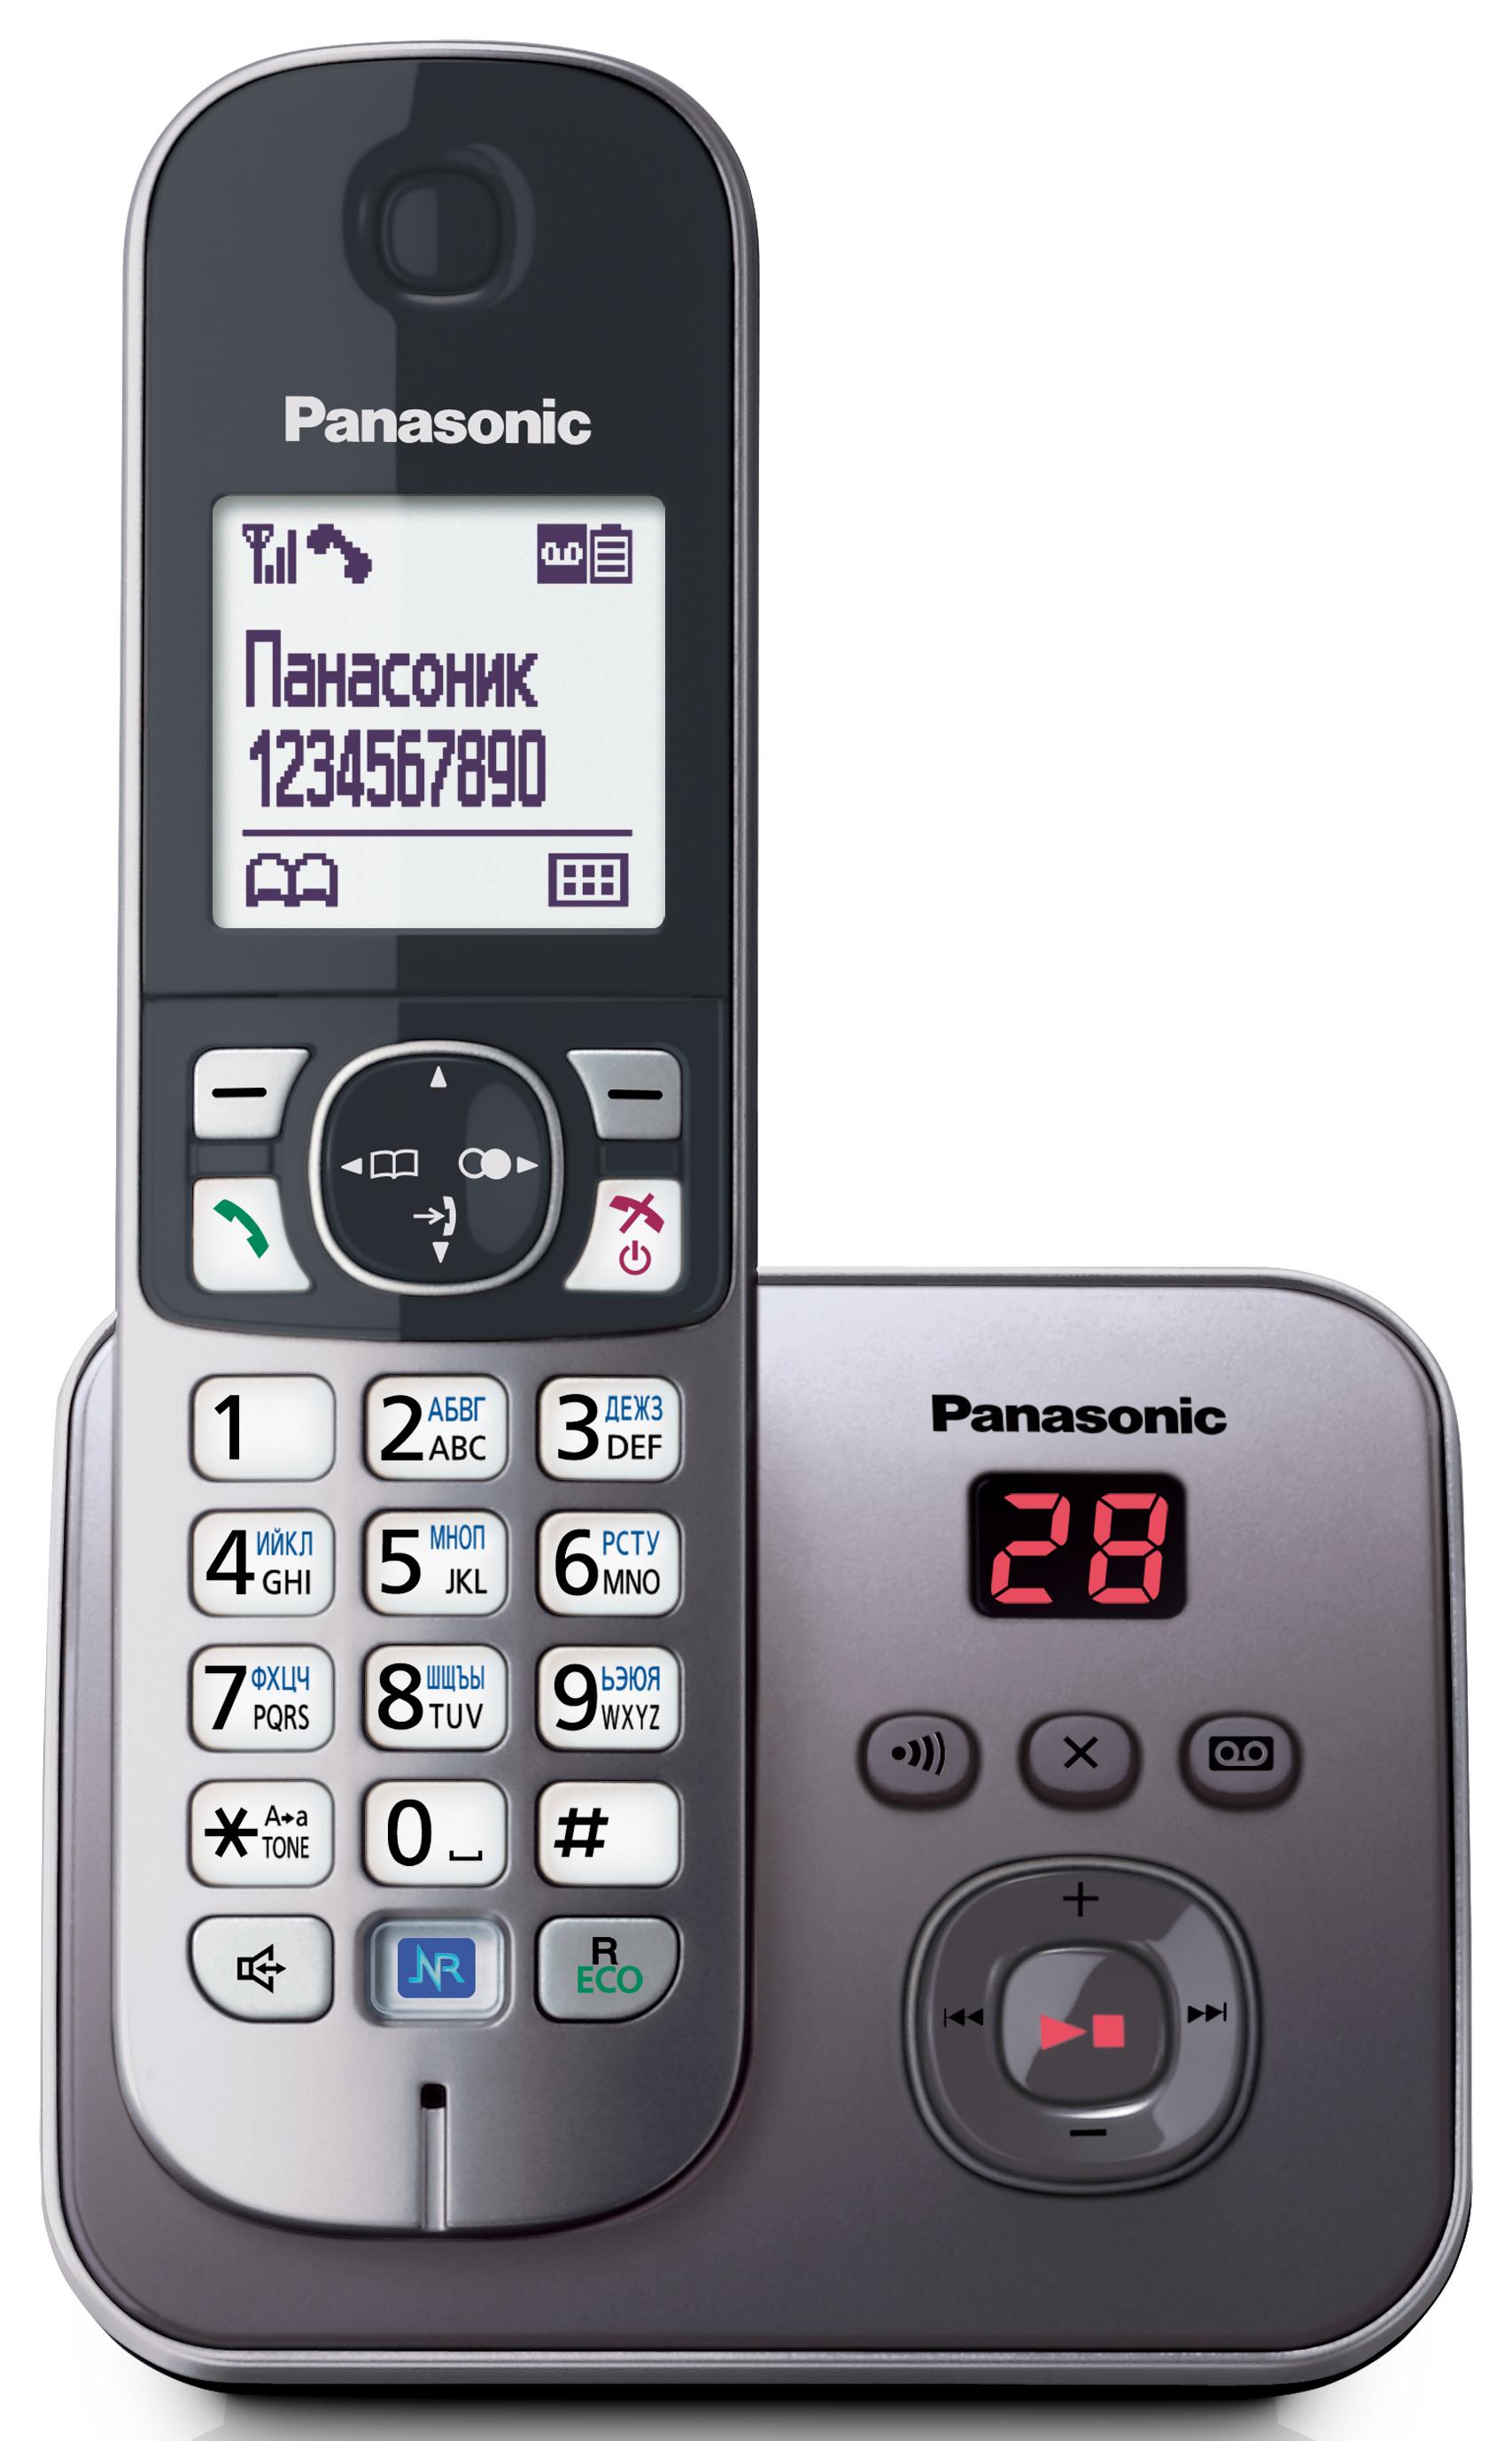 Радиотелефон Panasonic KX-TG6821RUMРадиотелефон Dect<br>Panasonic kx tg6821rum: больше стиля, больше функций!<br>Радиотелефон Panasonic kx tg6821rum способен работать без дополнительной зарядки от базы до 15 часов, и это — в режиме разговора! В режиме ожидания он работает еще в несколько раз больше — до 170 часов! Только представьте, это же целая неделя!<br>Кроме удивительно высокой работоспособности такая модель обладает еще и очень широким и, что тоже важно, полезным функционалом. Цифровой автоответчик, возможность записи разговора на 30 минут, АОН и Caller ID, спикерфон, интерком, конференцсвязь, встроенная телефонная книга на...<br><br>Тип: Радиотелефон<br>Количество трубок: 1<br>Рабочая частота: 1880-1900 МГц<br>Стандарт: DECT/GAP<br>Возможность набора на базе: Нет<br>Проводная трубка на базе : Нет<br>Время работы трубки (режим разг. / режим ожид.): 15 / 170 ч<br>Дисплей: на трубке, 2 строки<br>Подсветка кнопок на трубке: Есть<br>Журнал номеров: 50